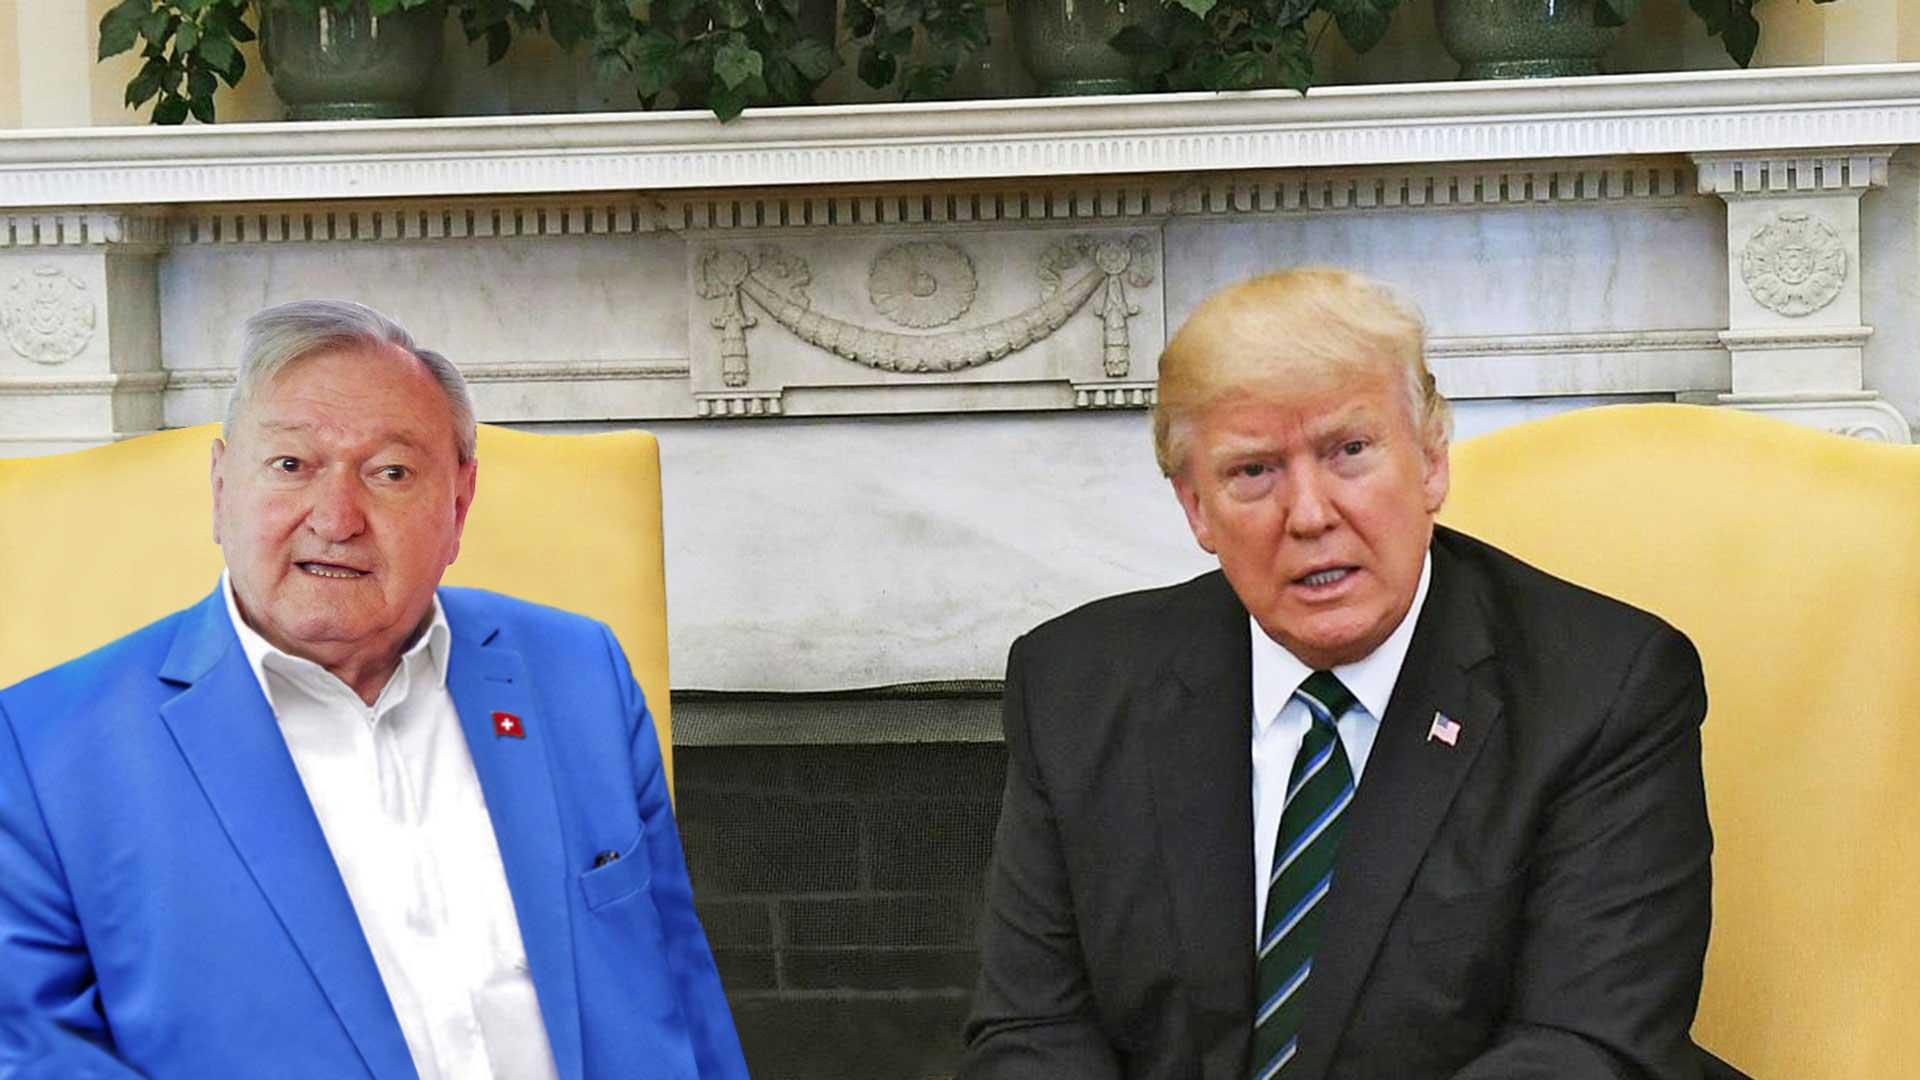 Erich von Däniken and Donald Trump in the White House.